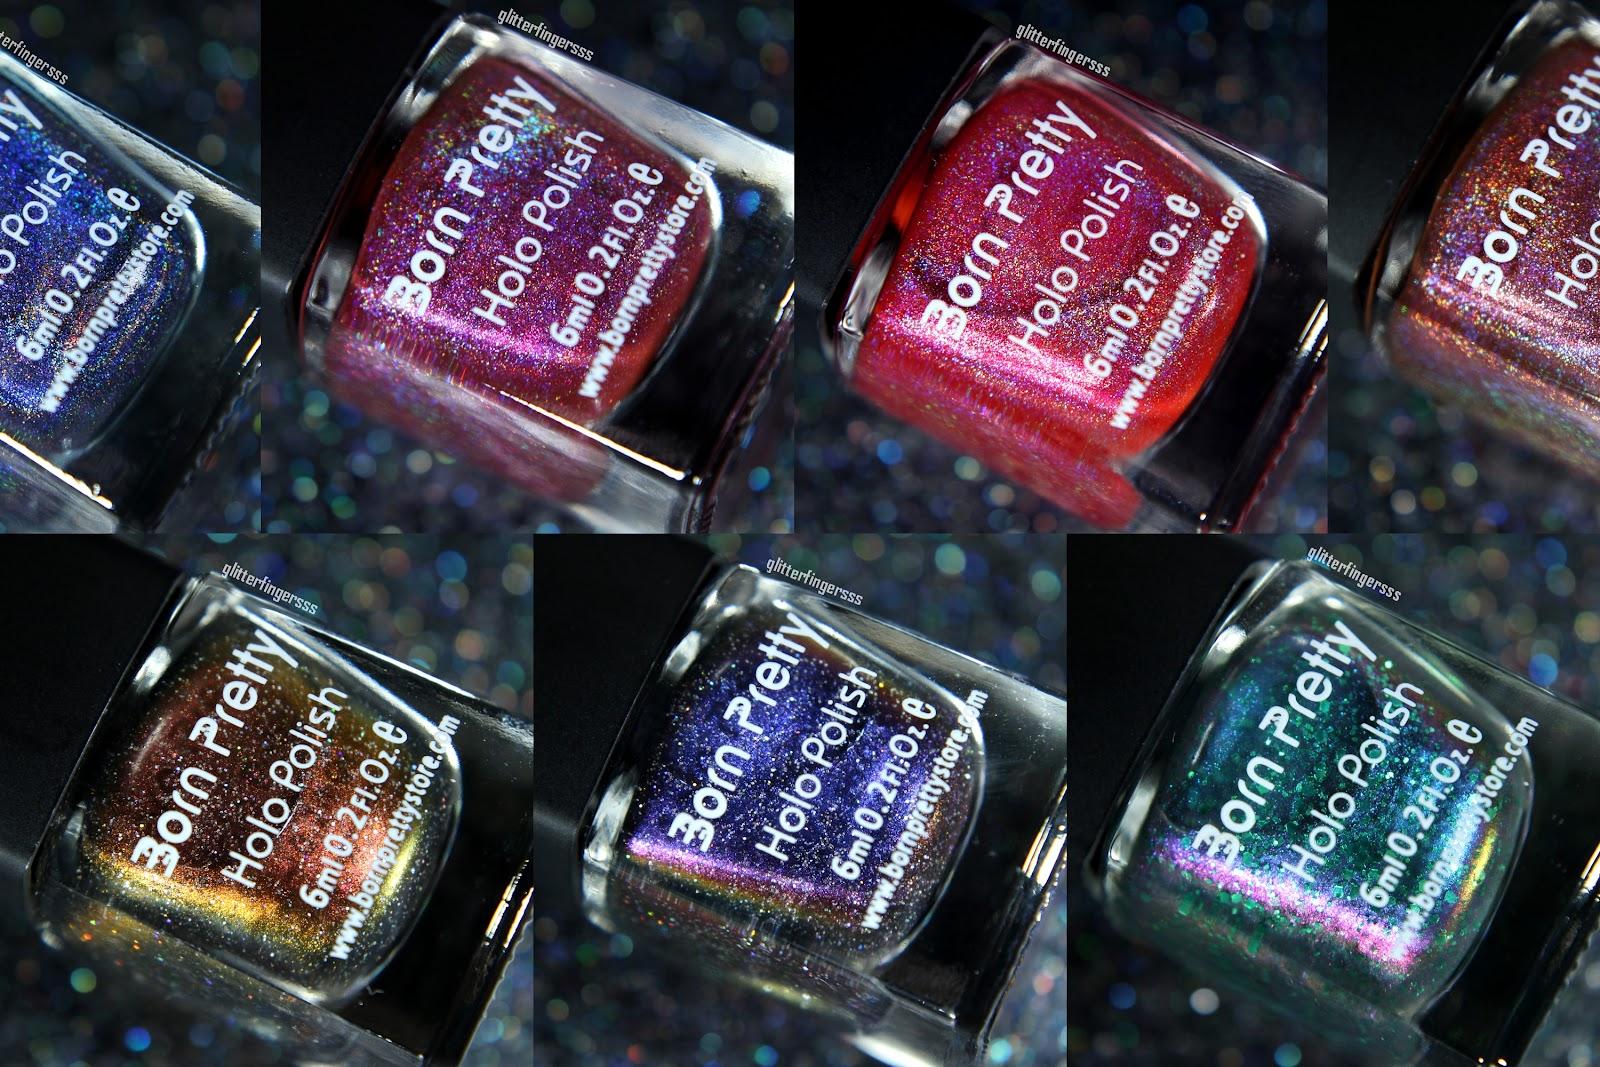 Born Pretty Store holo and chameleon nail polishes ...